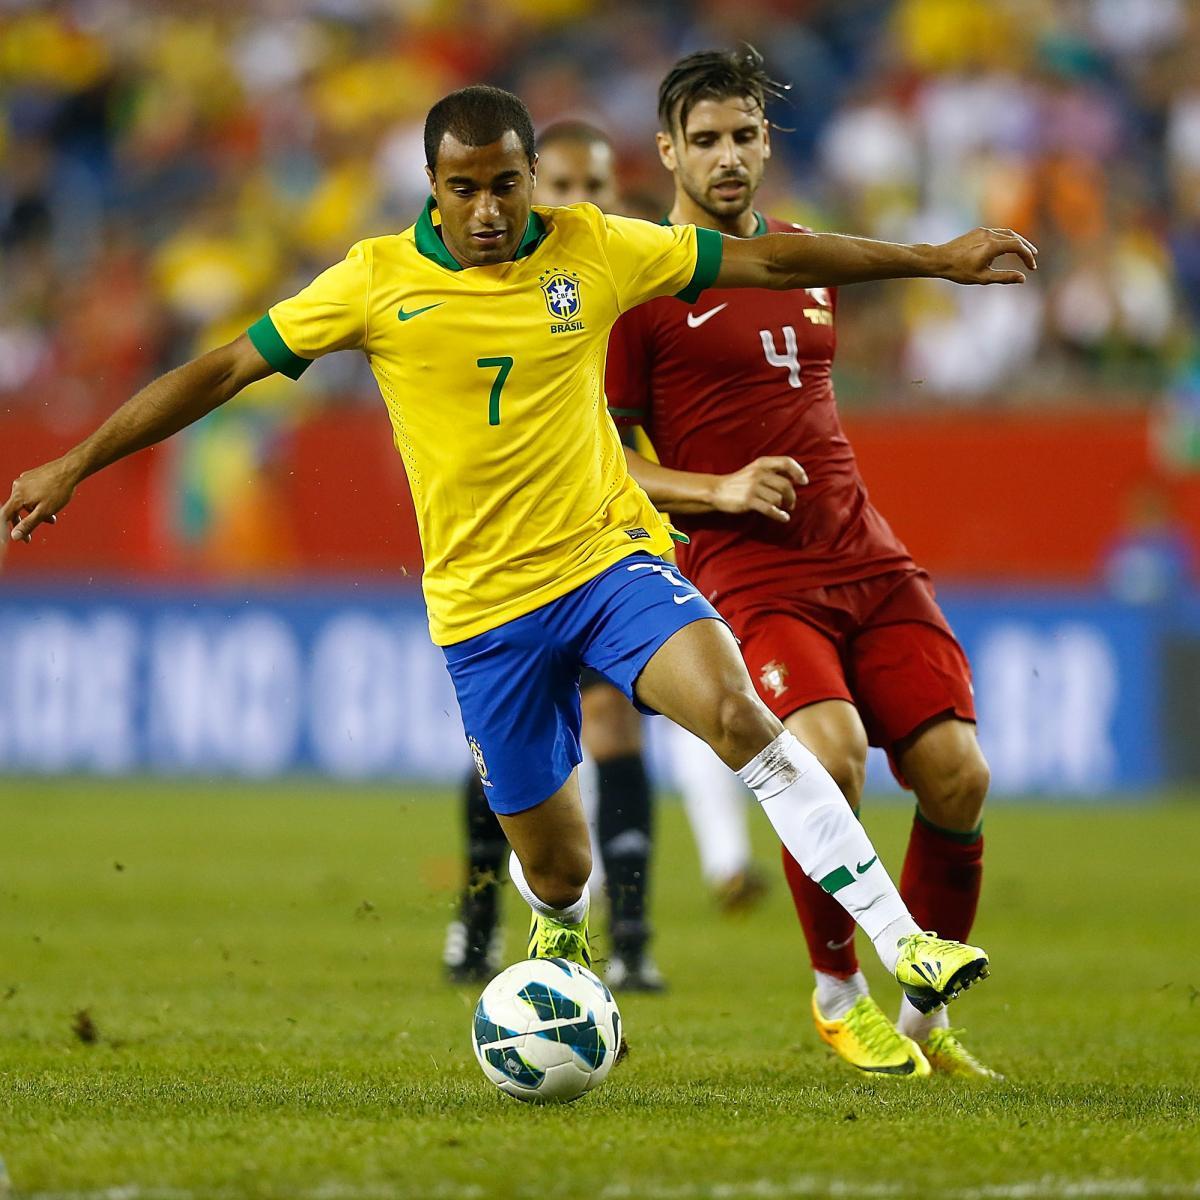 Lucas Moura Brazil Captain: South Korea Vs. Brazil: Highlighting The Top Stars To